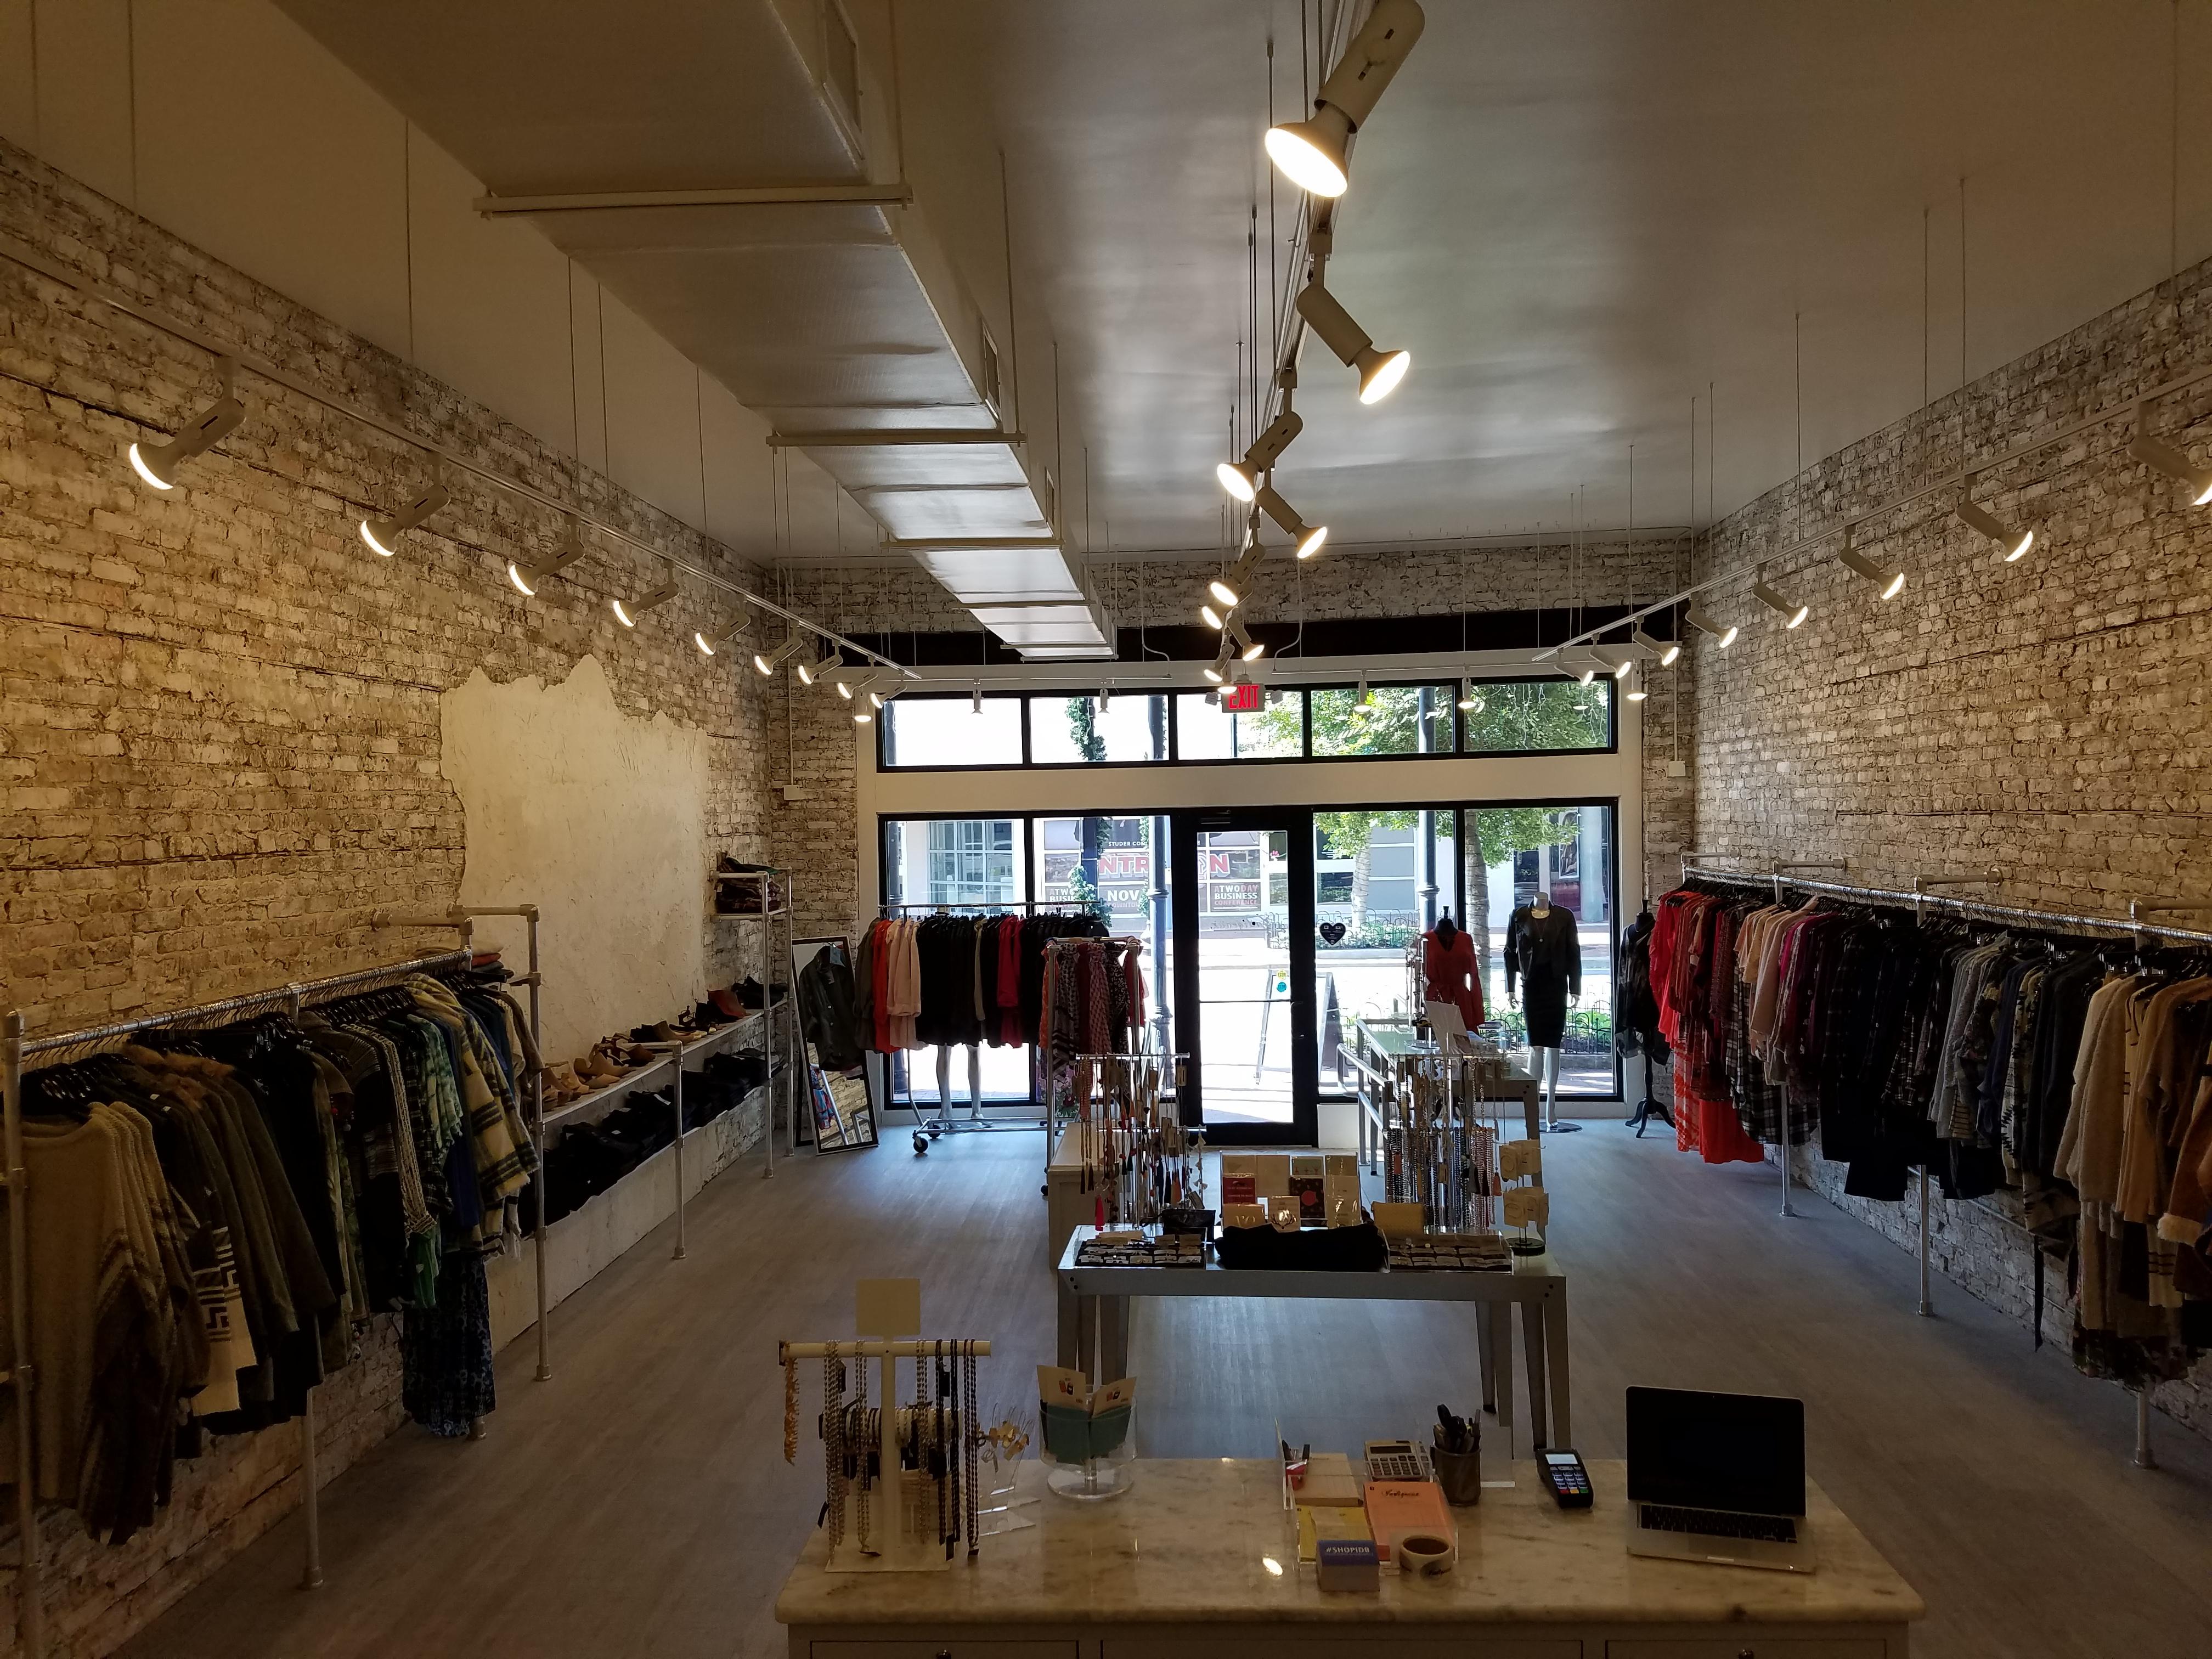 Indigeaux Denim Bar & Boutique image 2